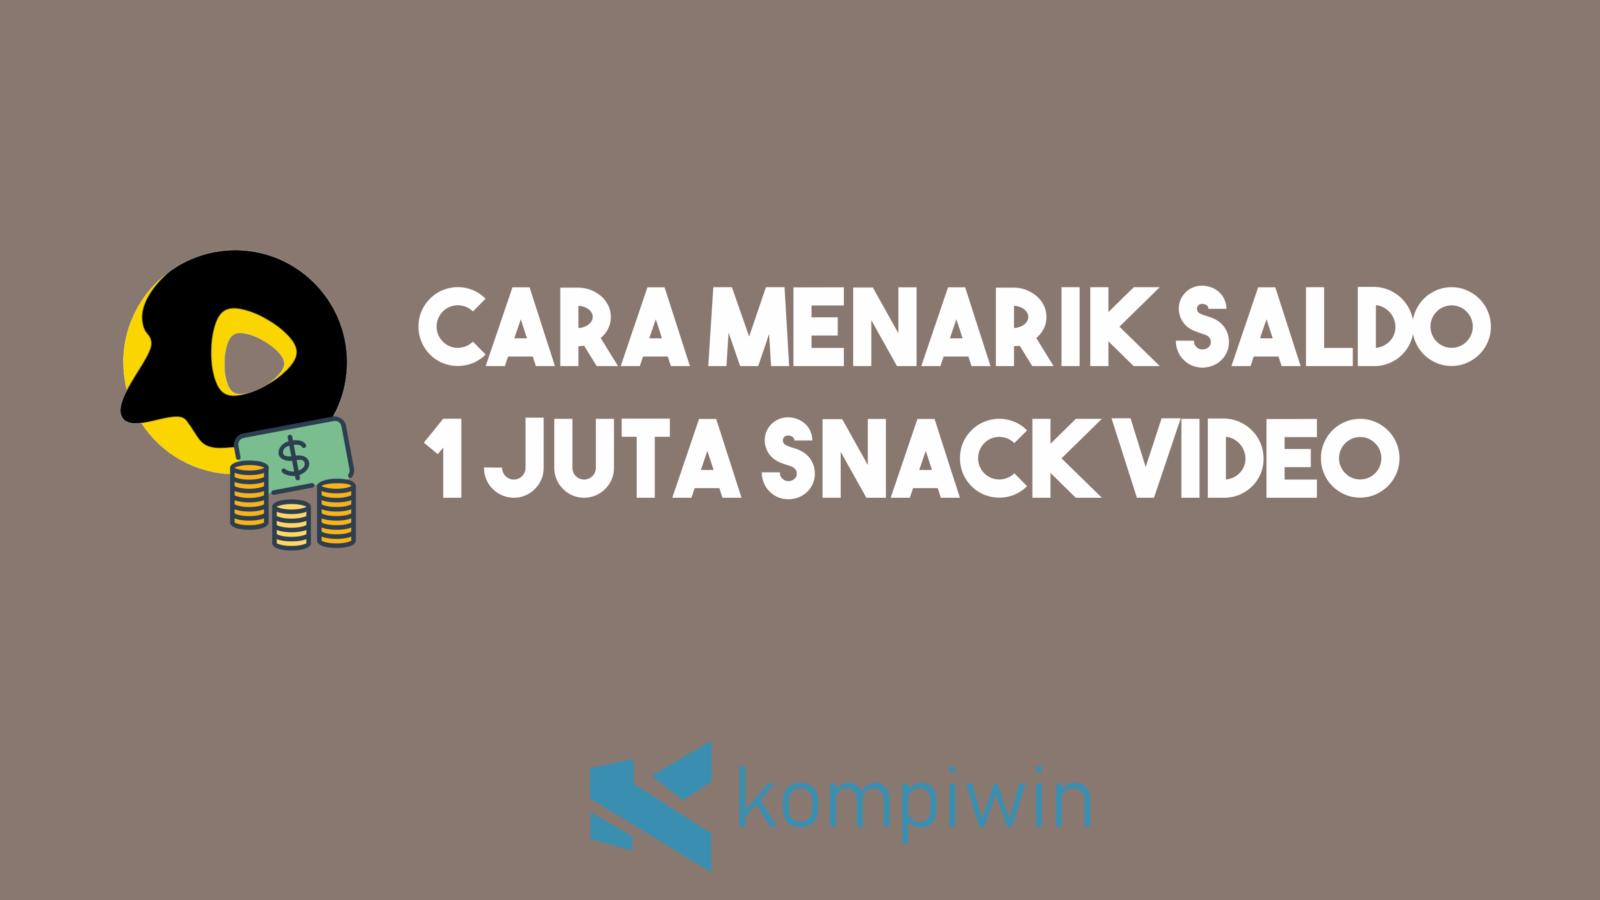 Cara Menarik Saldo 1 Juta Snack Video 7